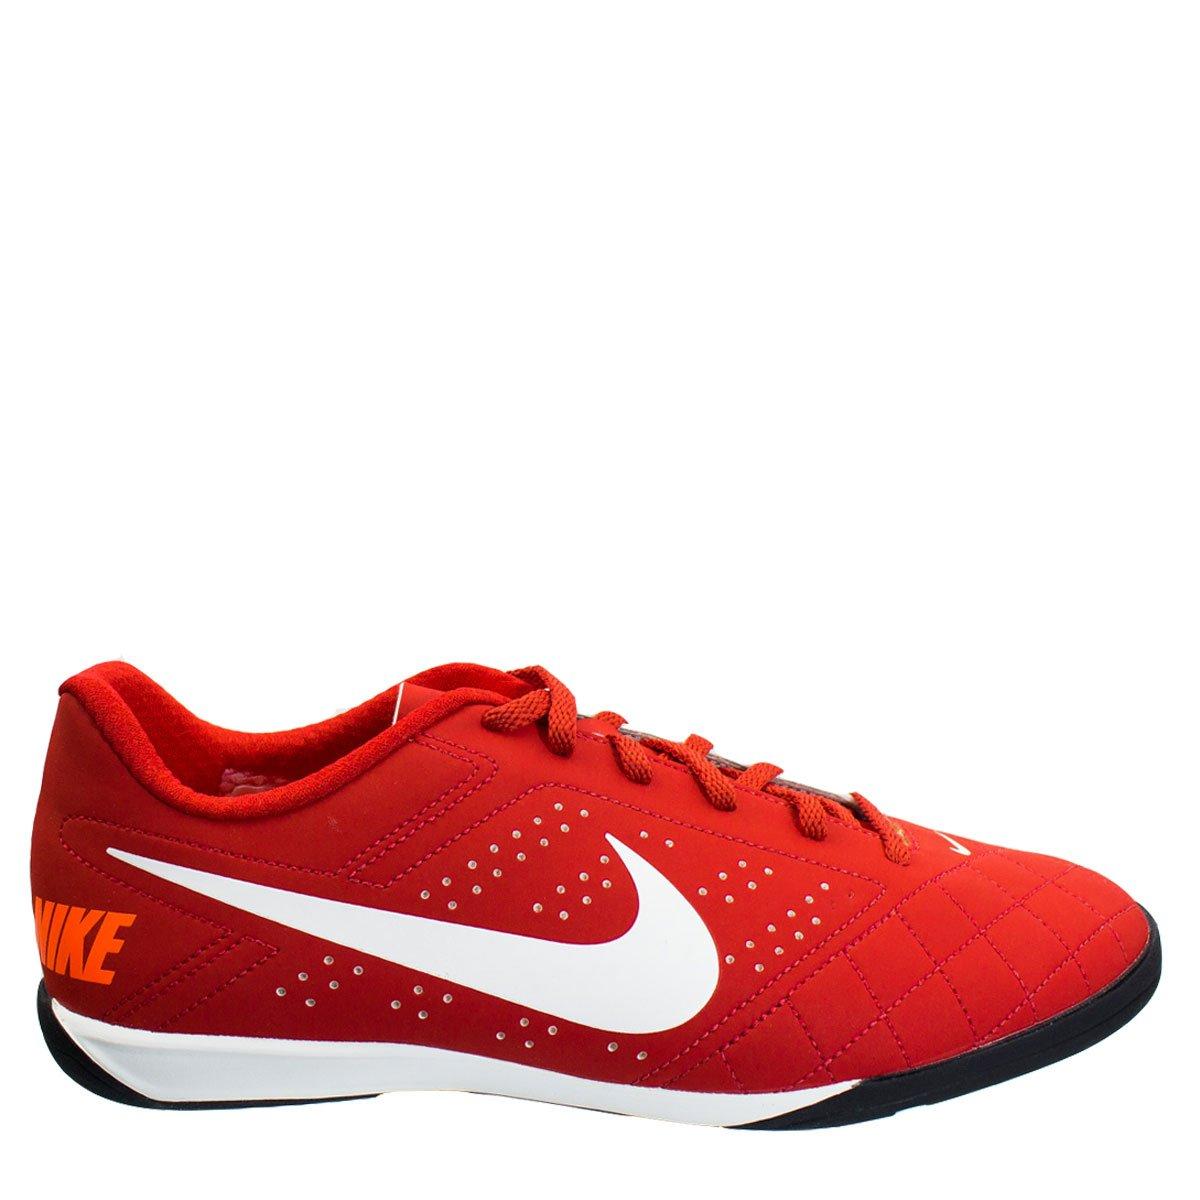 5d2e1f3000 Bizz Store - Chuteira Para Futsal Nike Beco 2 Masculina 646433